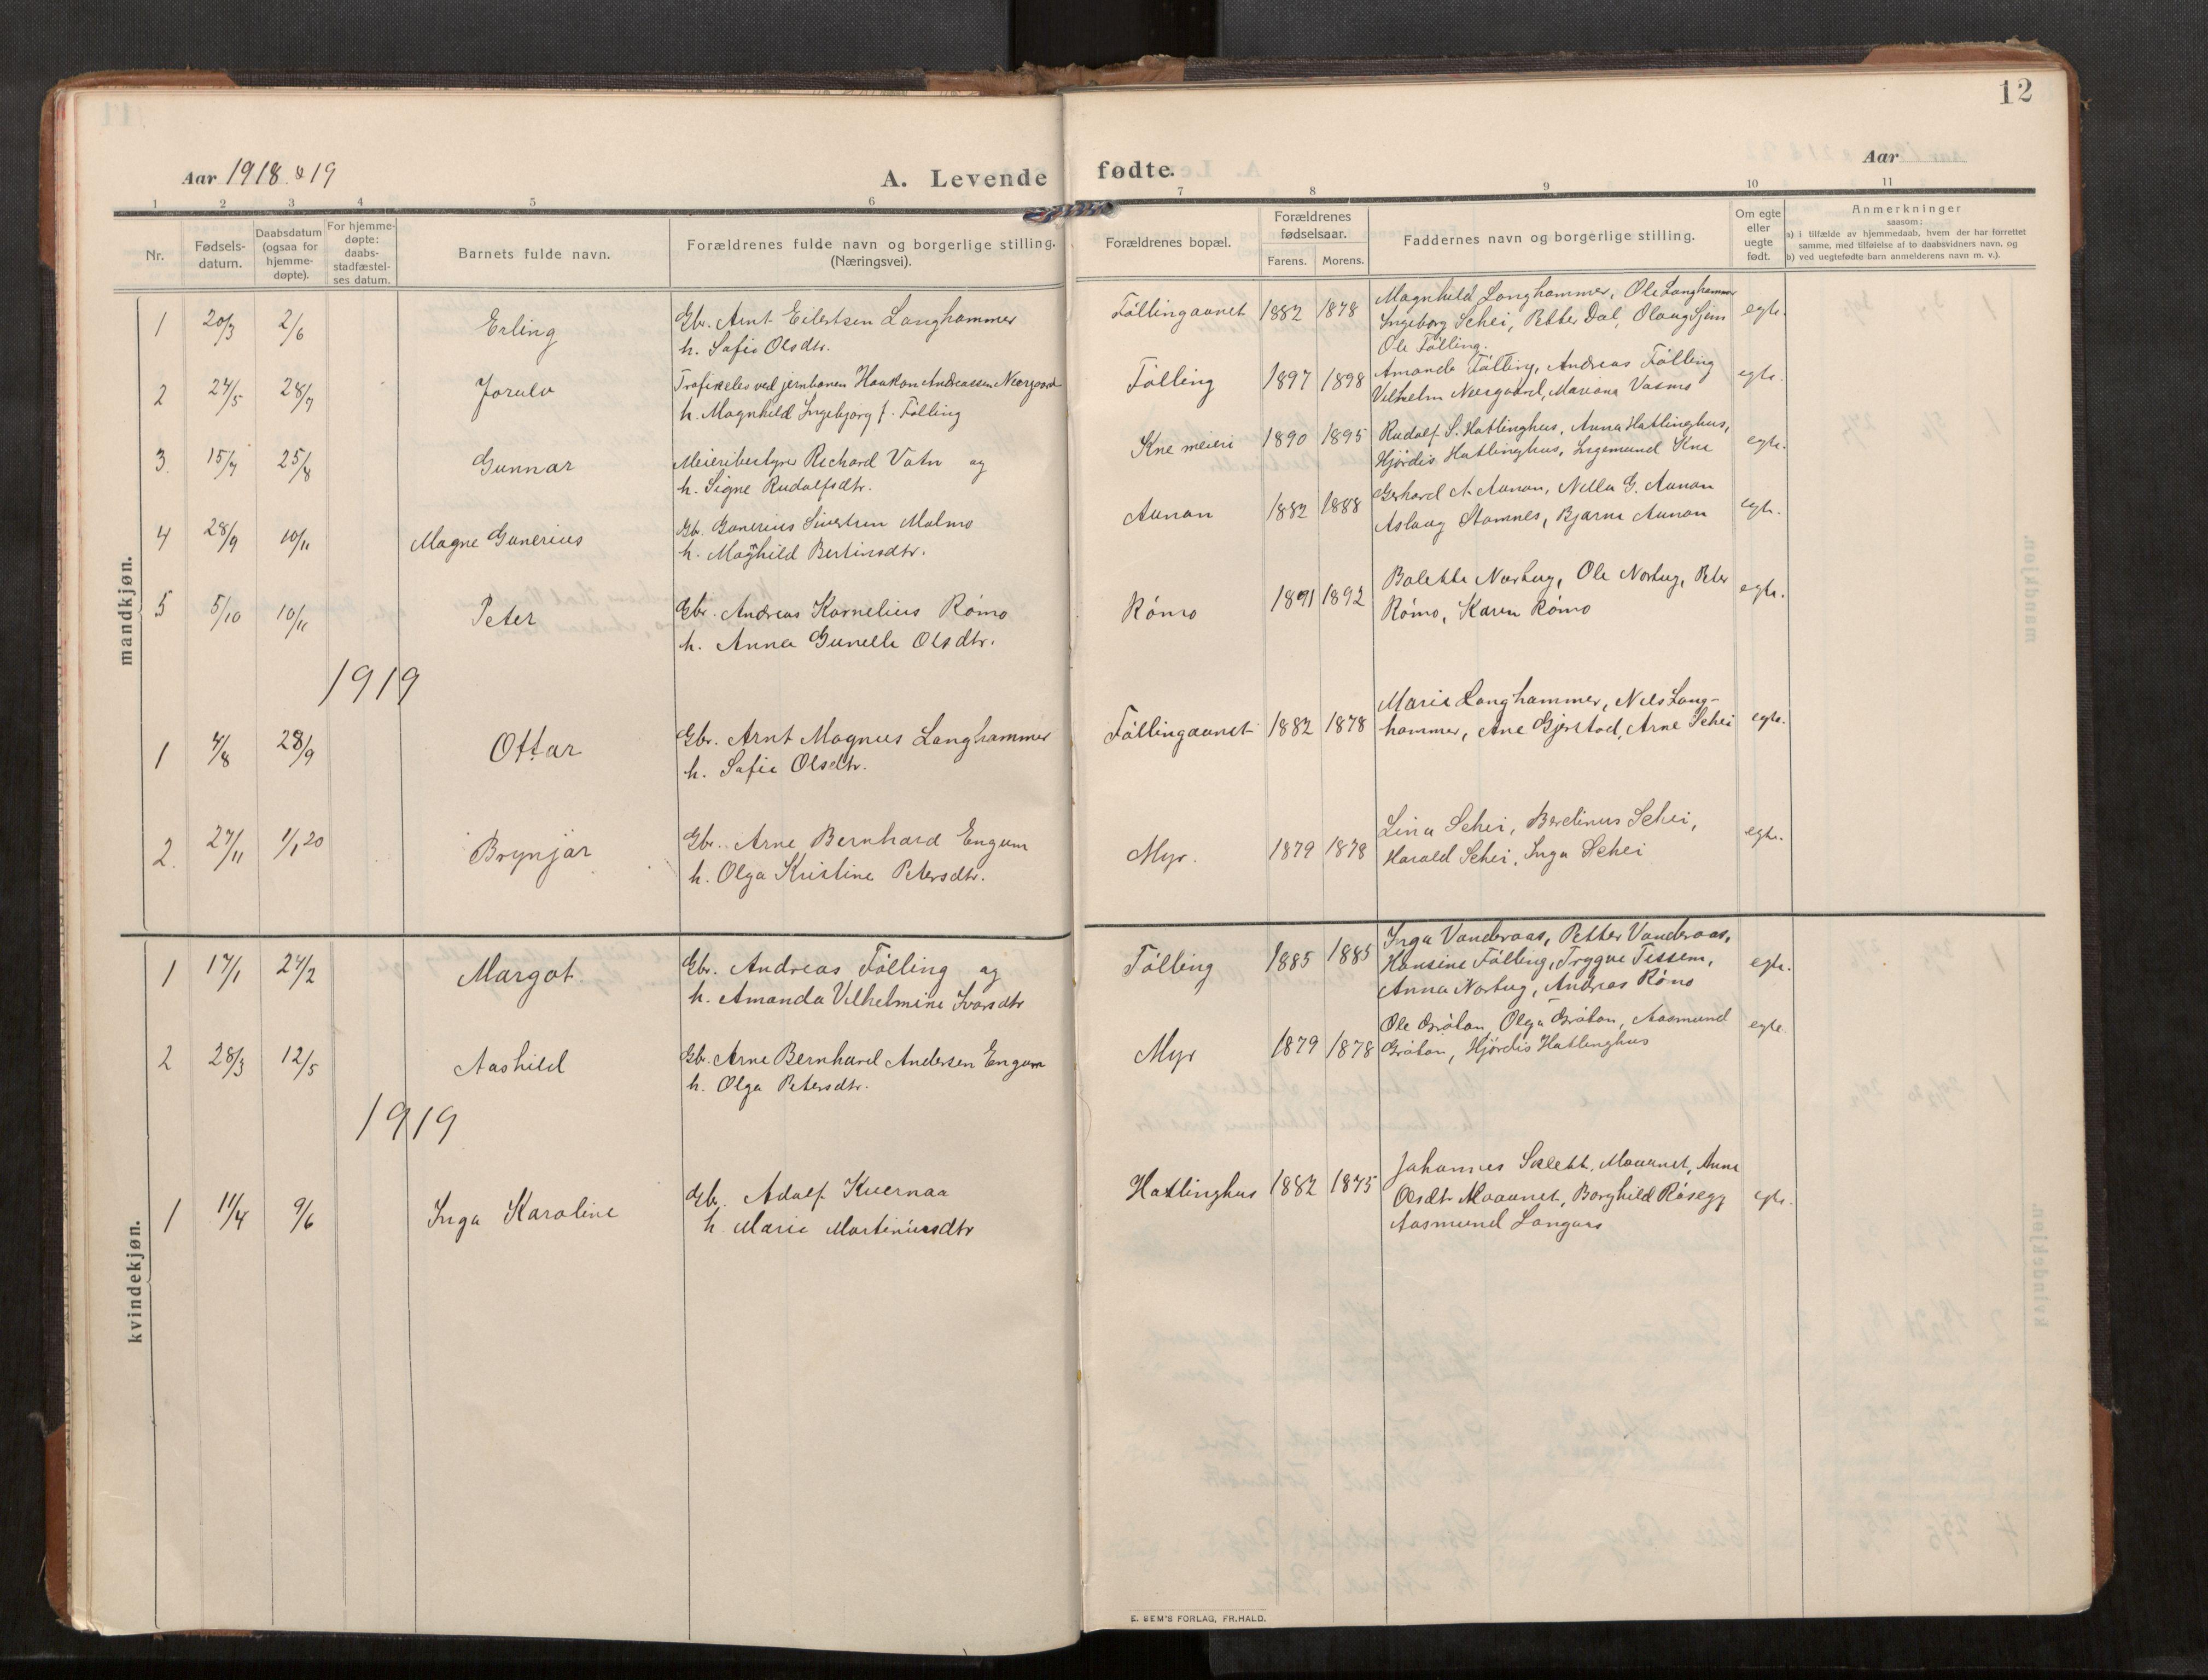 SAT, Stod sokneprestkontor, I/I1/I1a/L0003: Parish register (official) no. 3, 1909-1934, p. 12